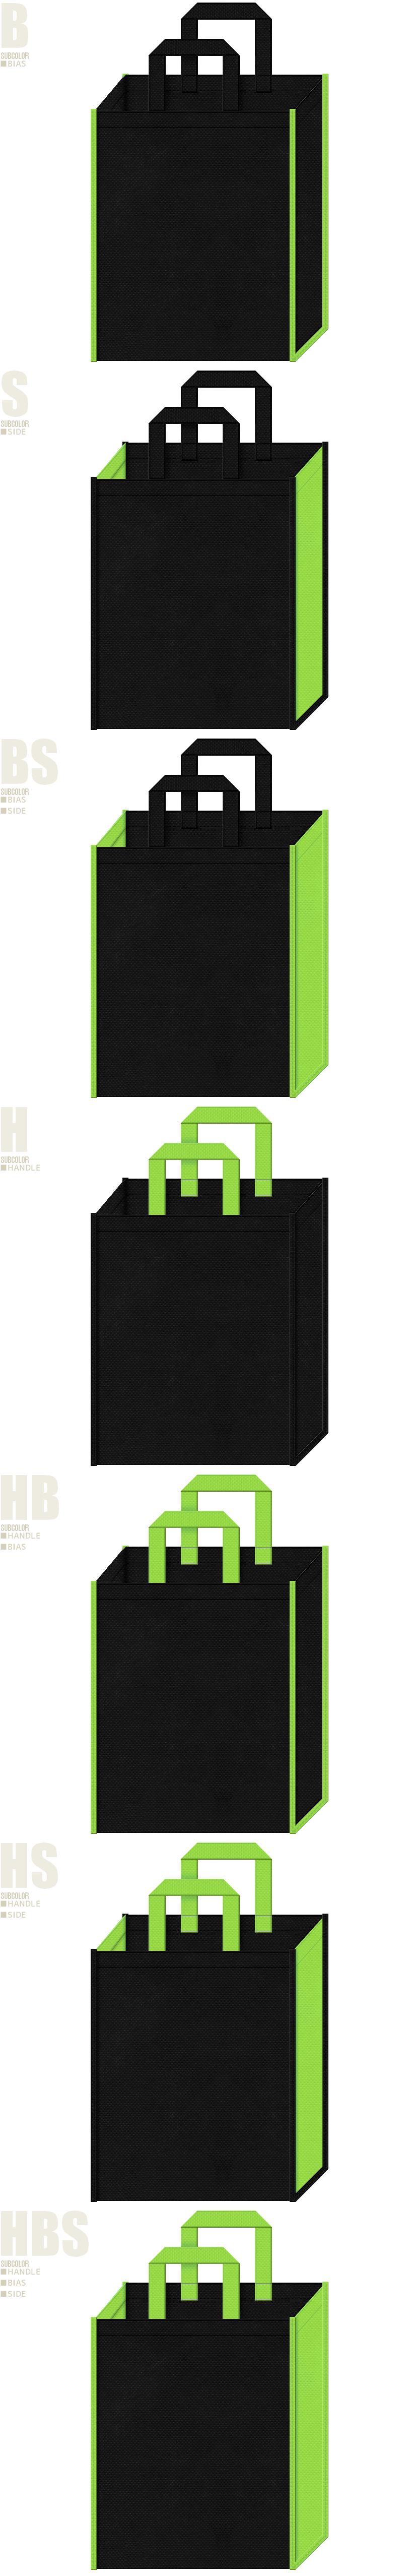 ユニフォーム・運動靴・アウトドア・スポーツイベント・スポーティーファッション・スポーツ用品・カー用品の展示会用バッグにお奨めの不織布バッグデザイン:黒色と黄緑色の配色7パターン